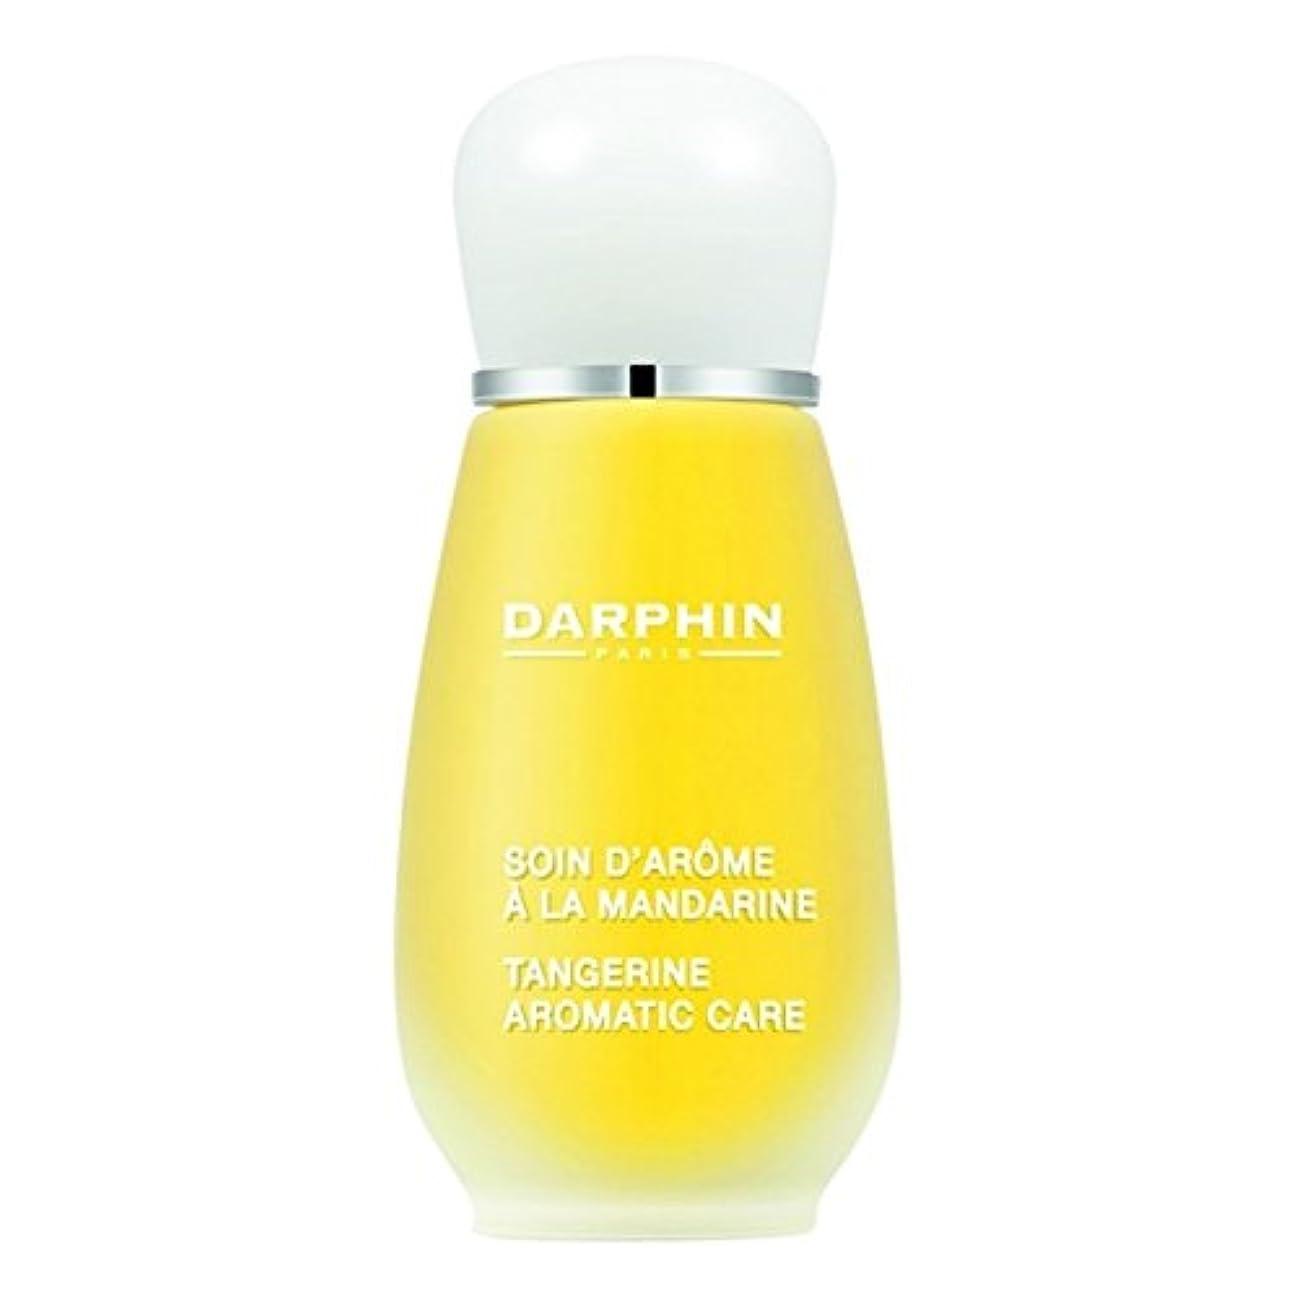 タックル感嘆に頼るダルファンタンジェリン芳香ケア15ミリリットル (Darphin) - Darphin Tangerine Aromatic Care 15ml [並行輸入品]